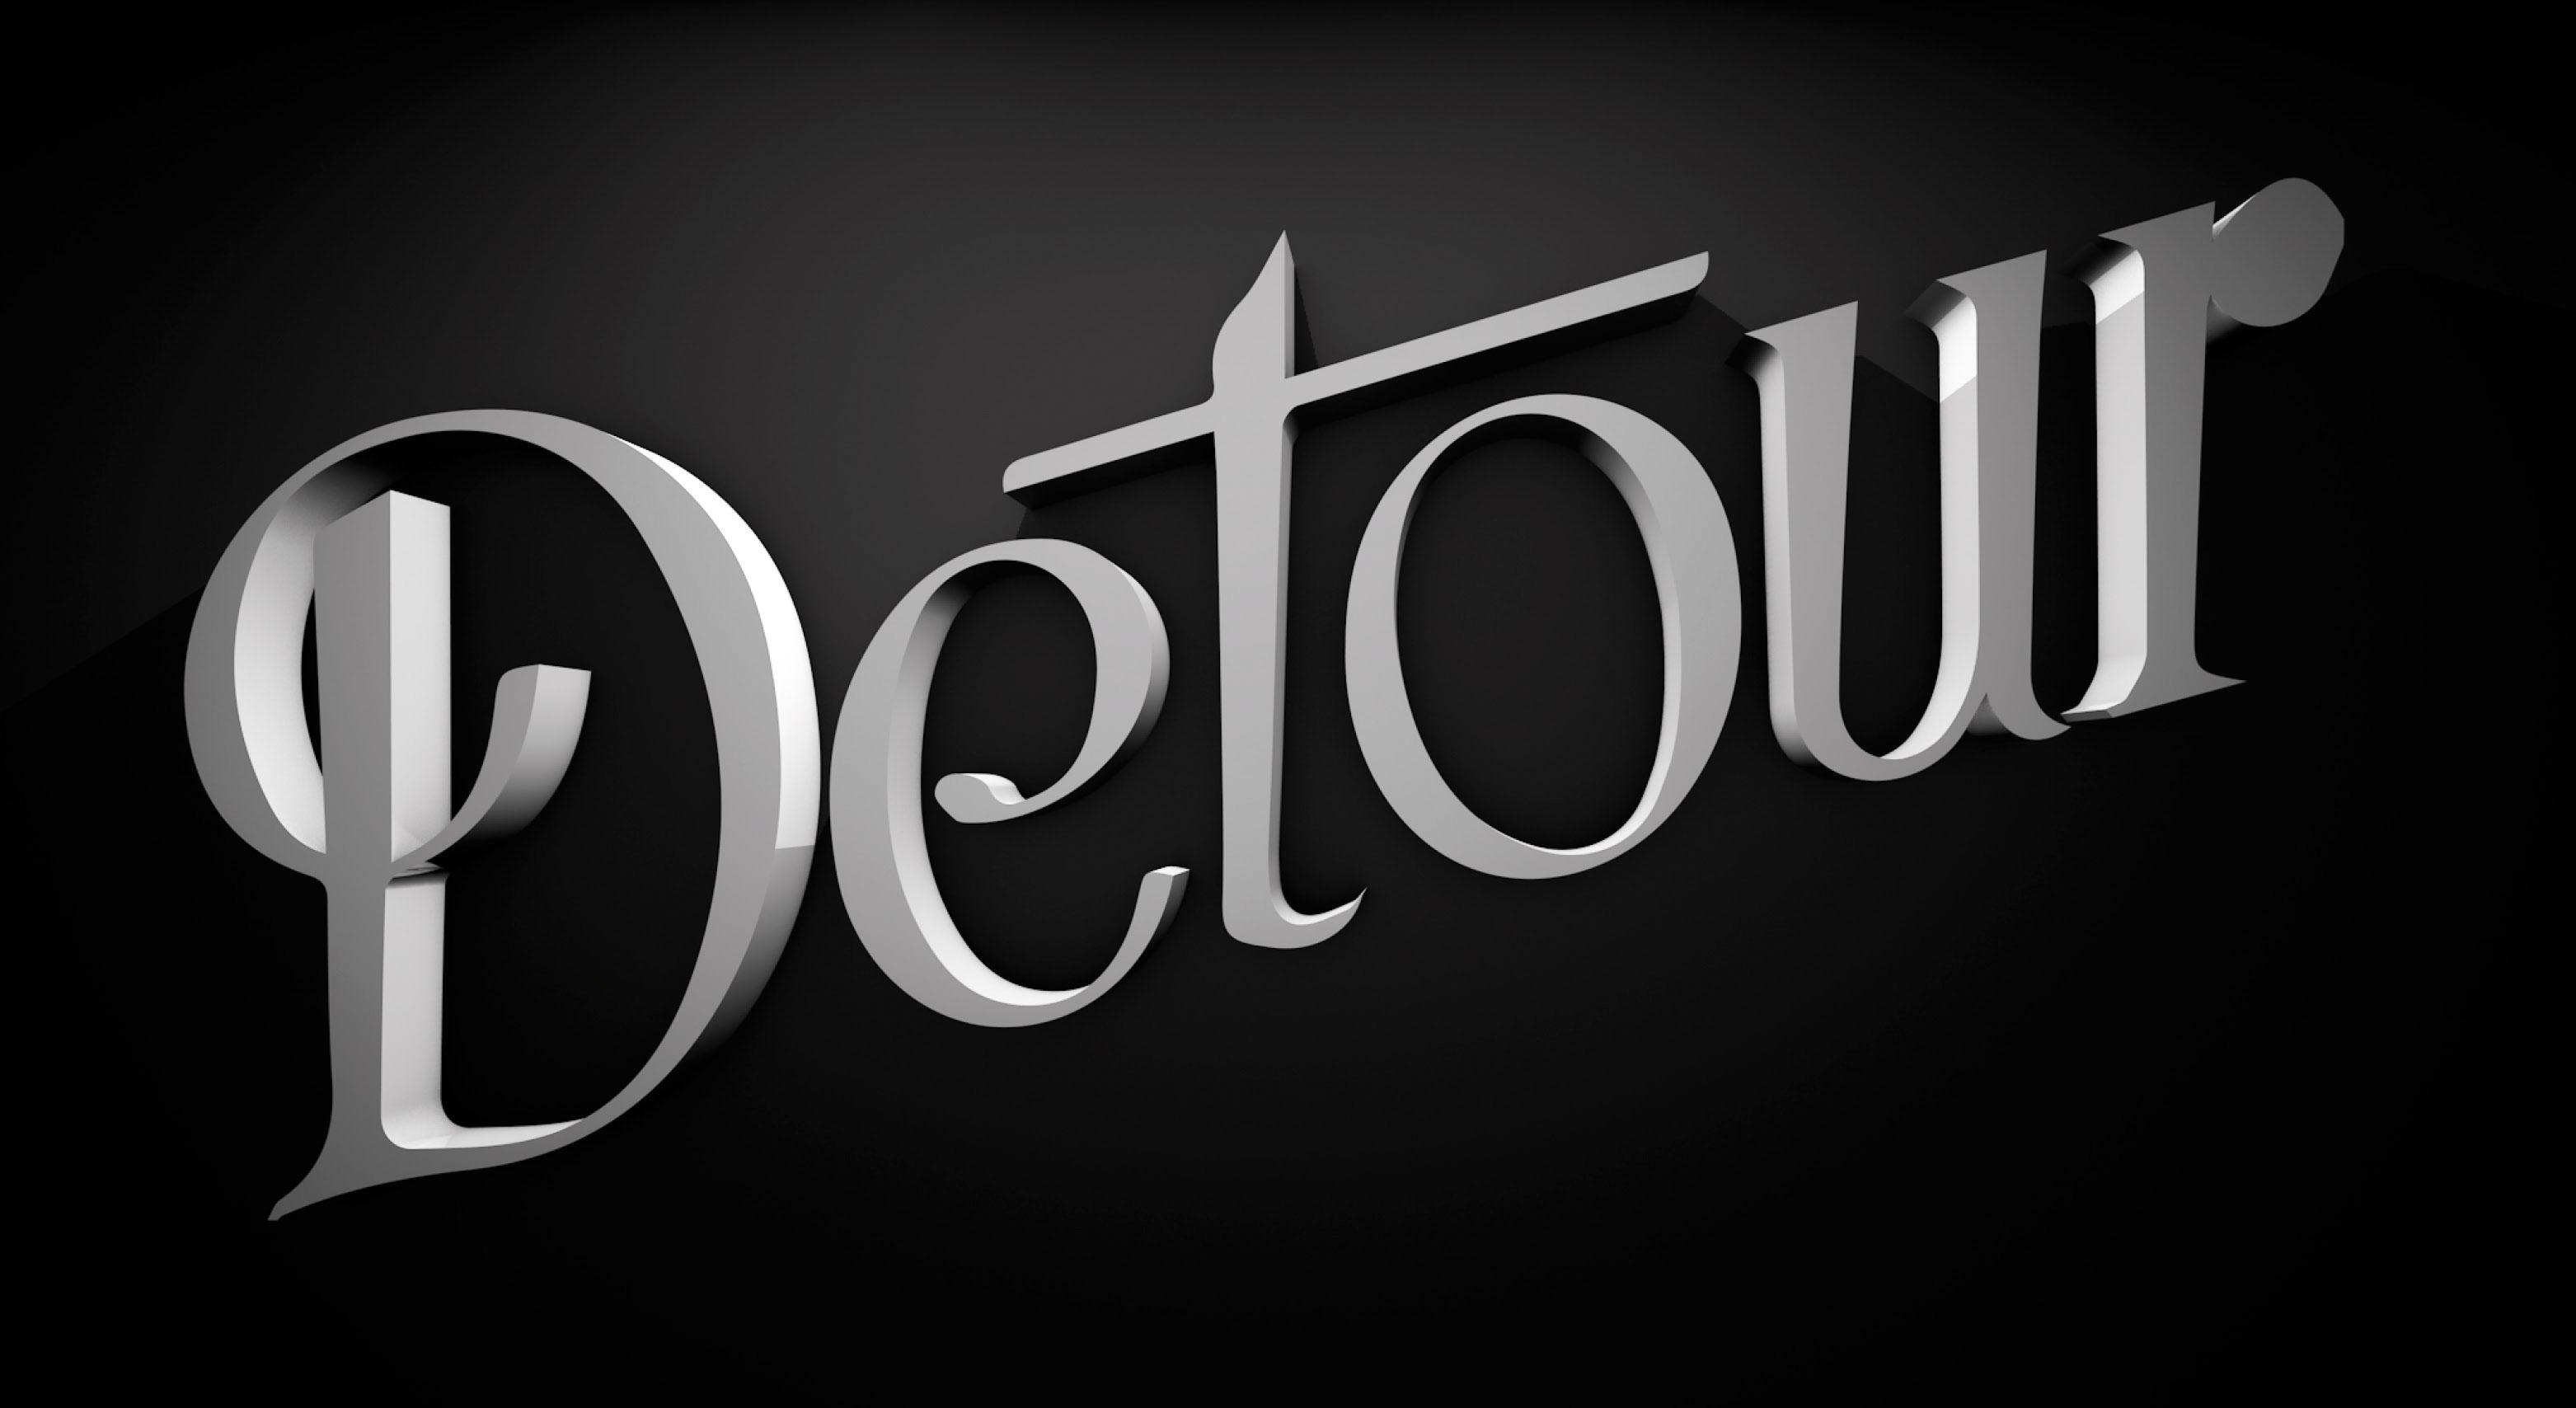 detour_slide2